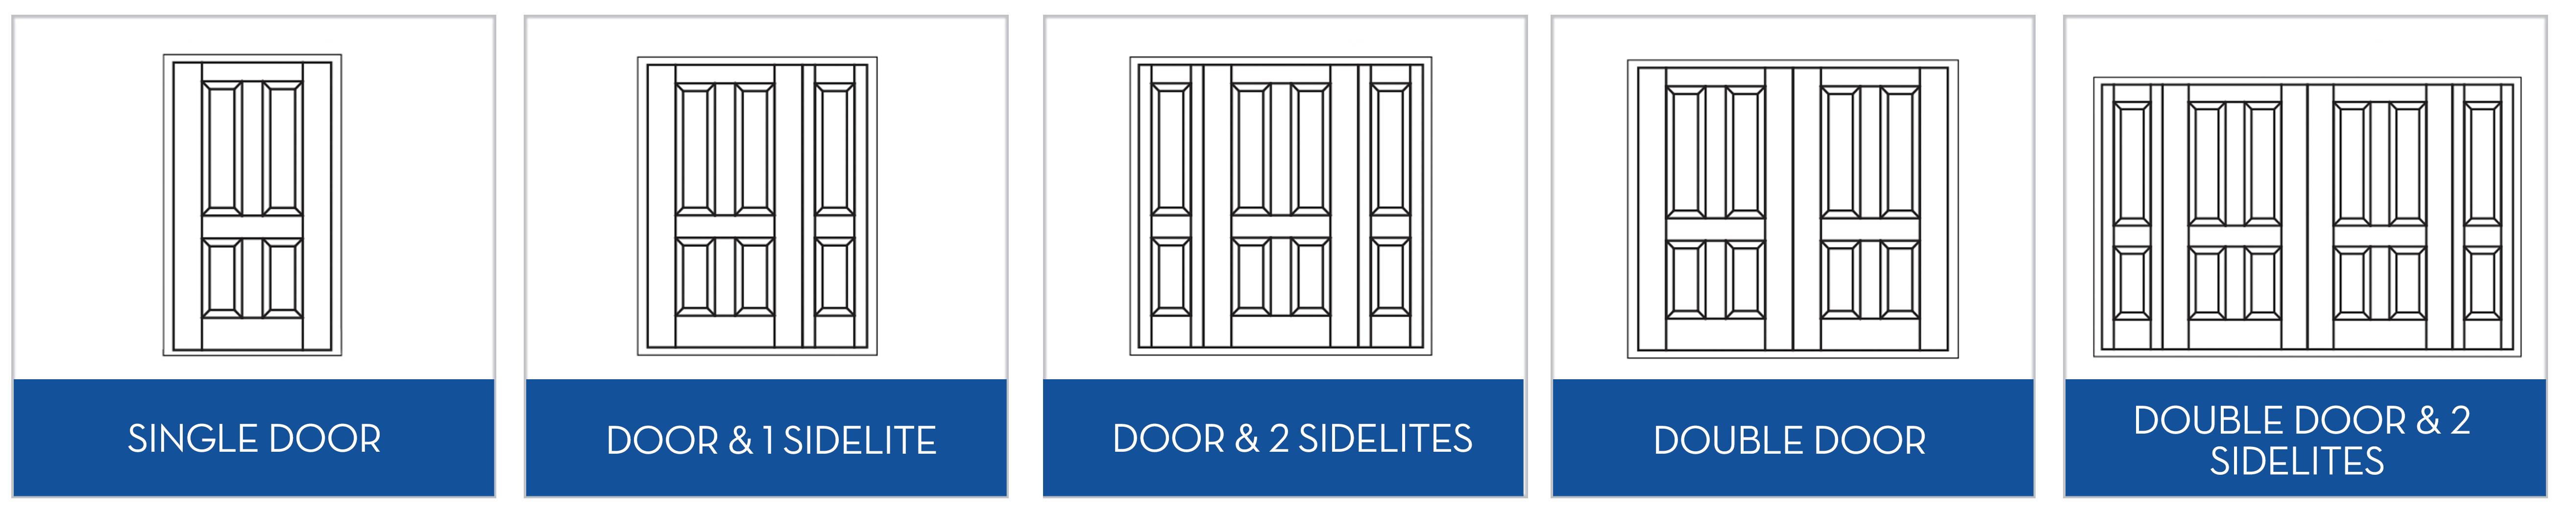 Entry Door - Classic